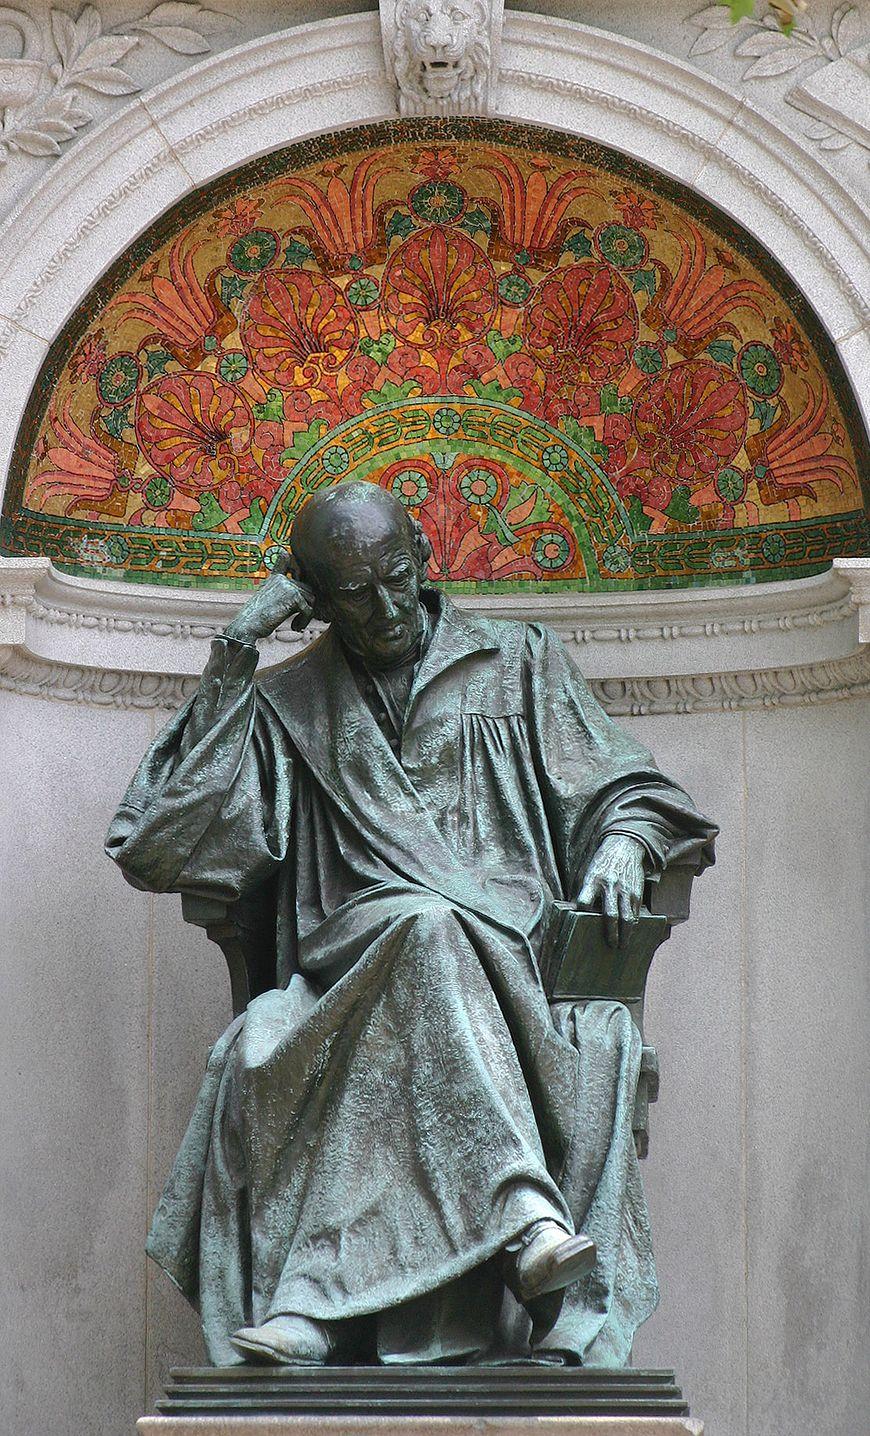 Zdjęcie pomnika Hahnemanna w Waszyngtonie